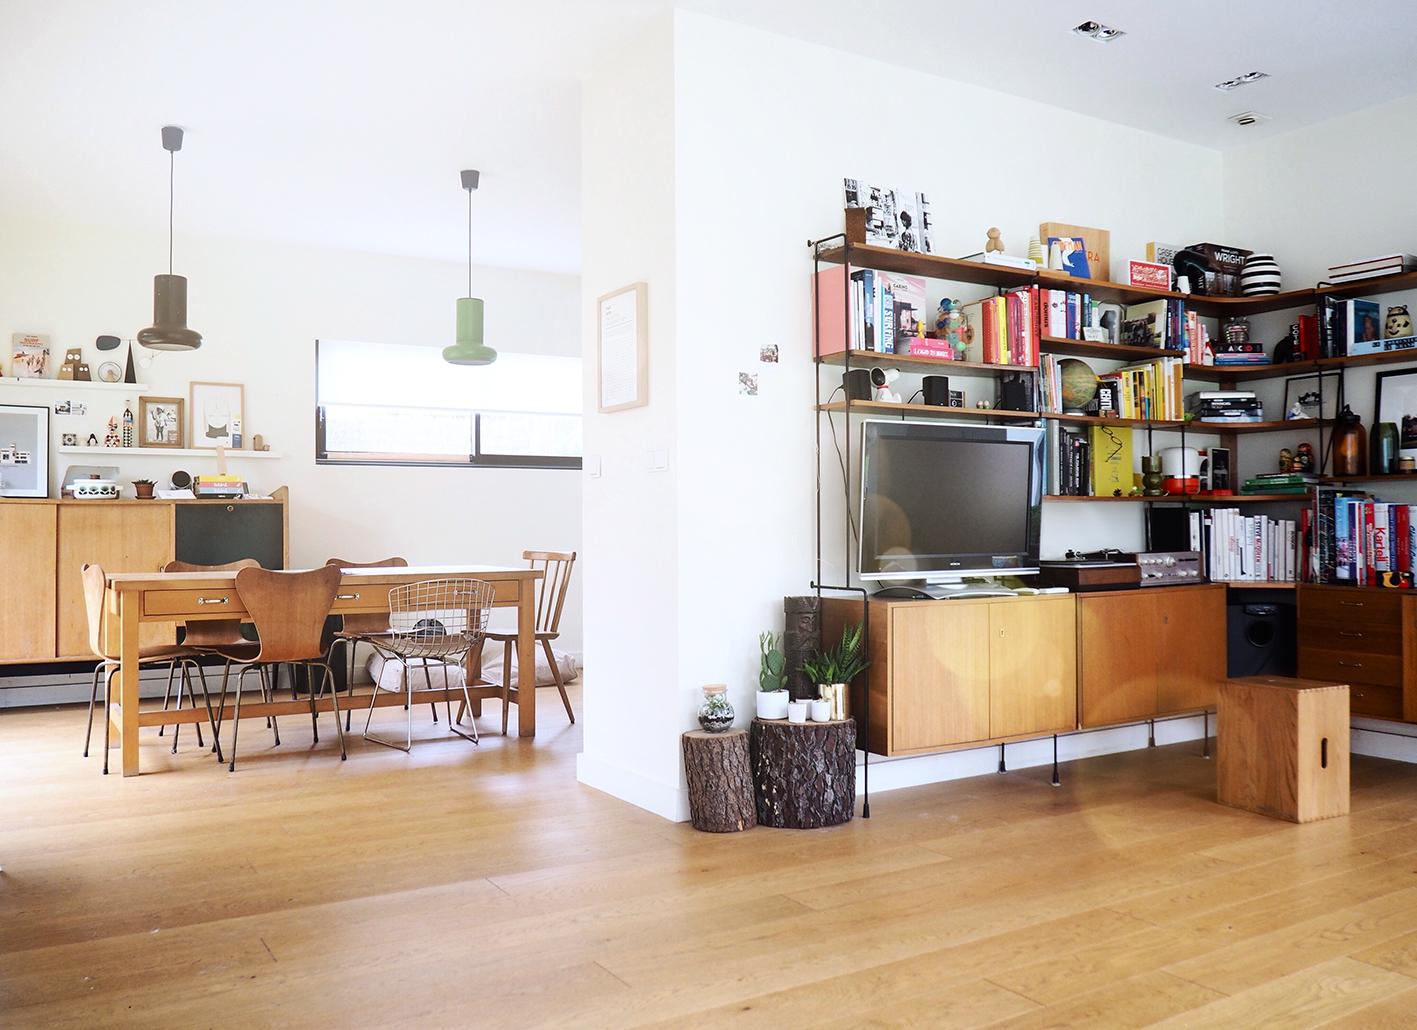 Decoration Interieur Appartement Vintage comment mixer l'ancien et le moderne.